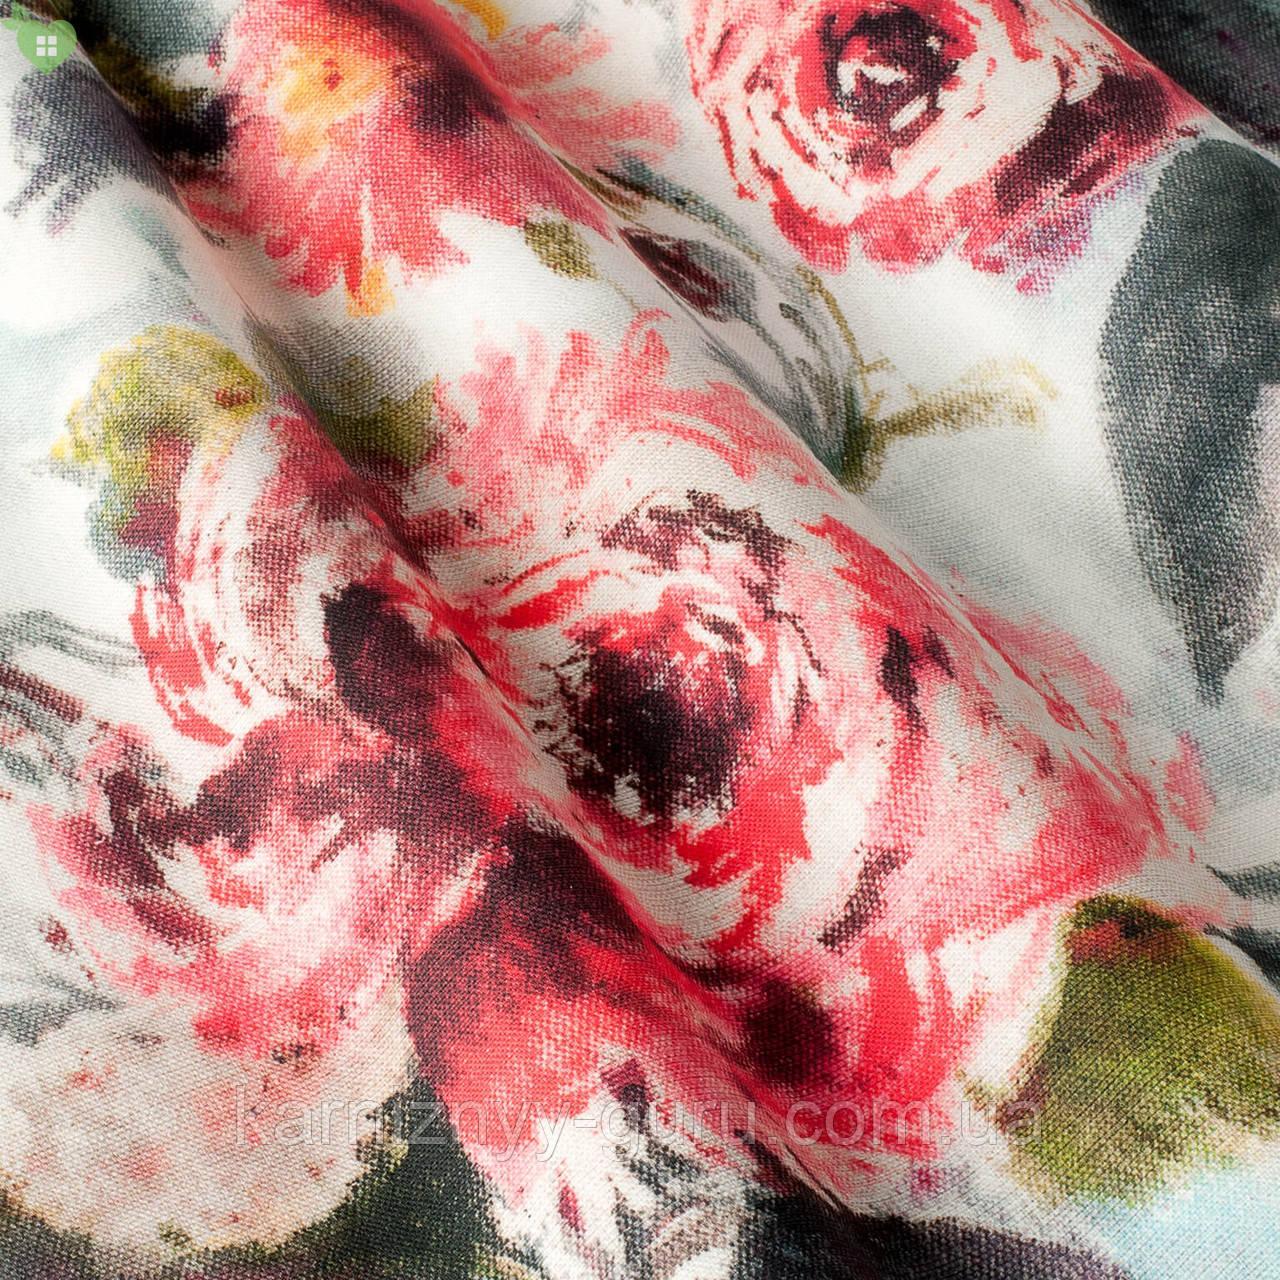 Декоративная ткань с розами темно-зеленого и бордового цвета Испания 82906v1